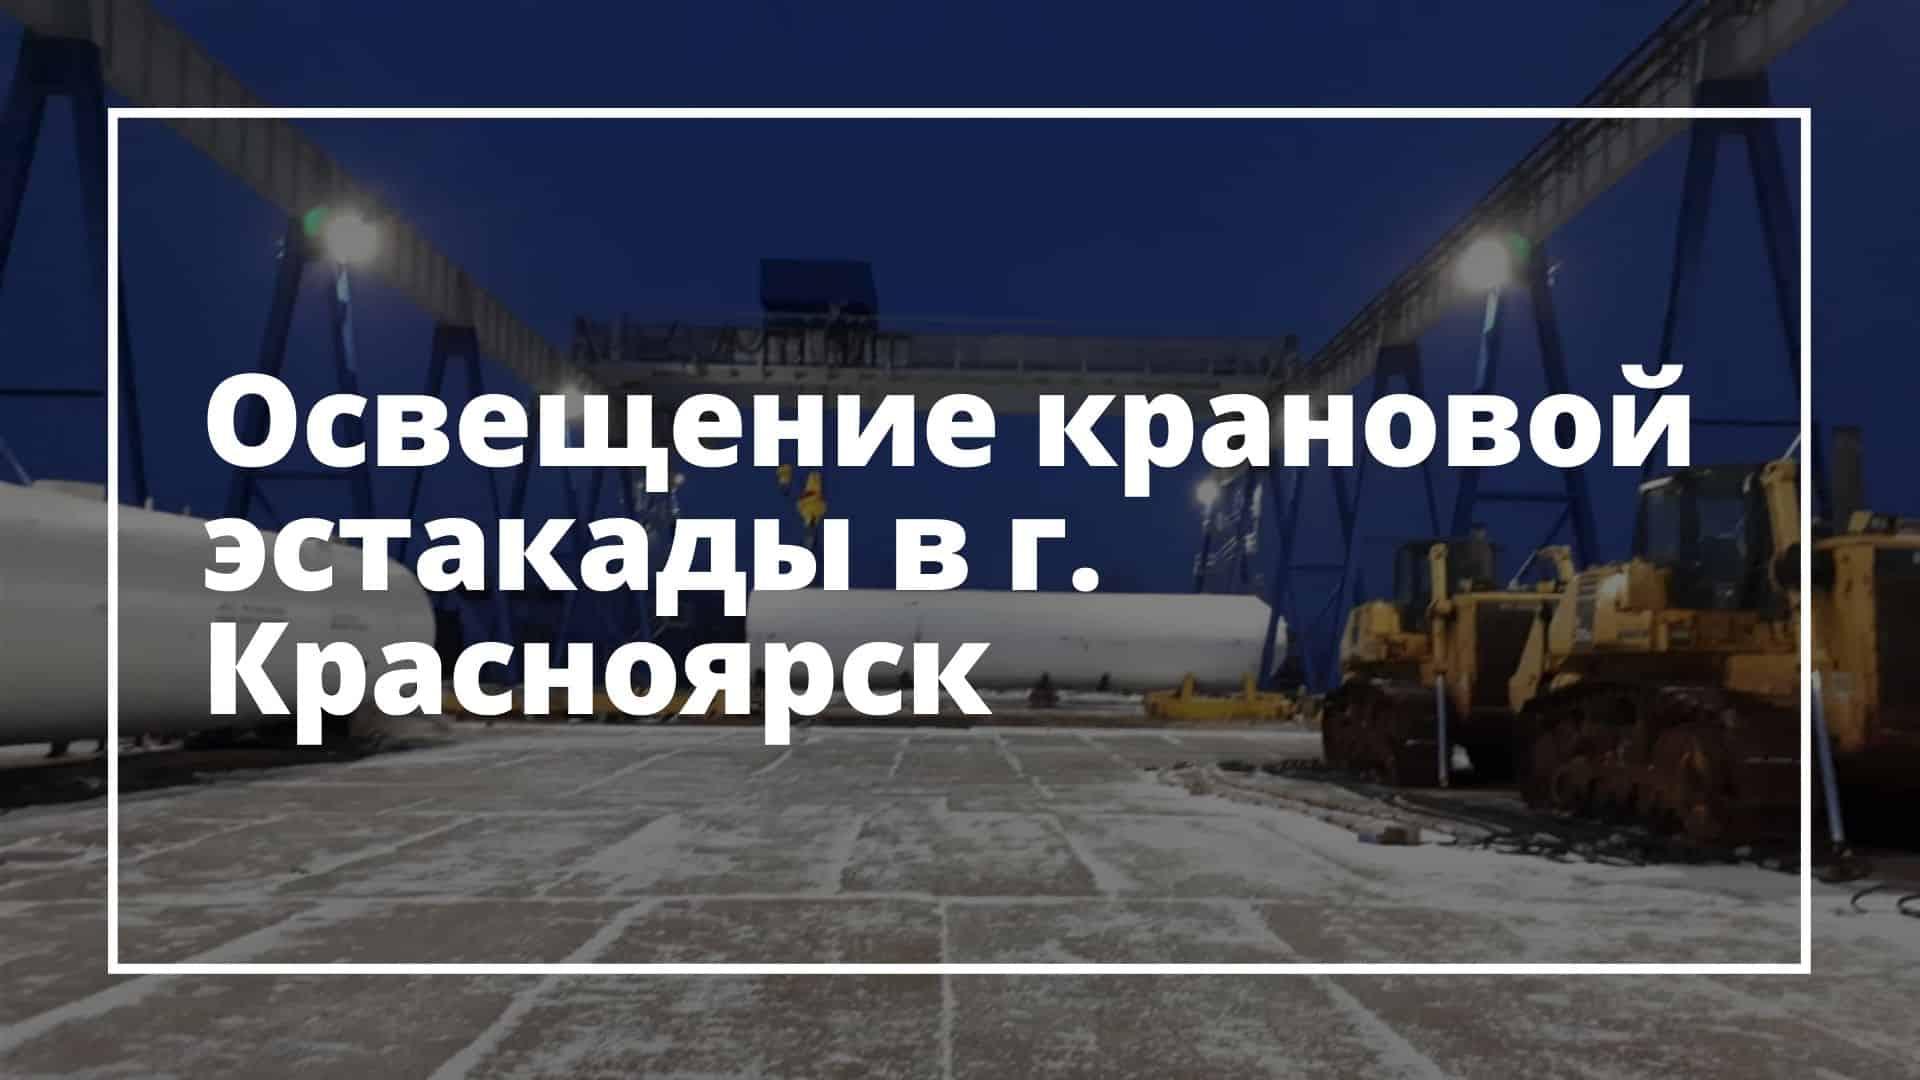 Освещение крановой эстакады в г. Красноярск